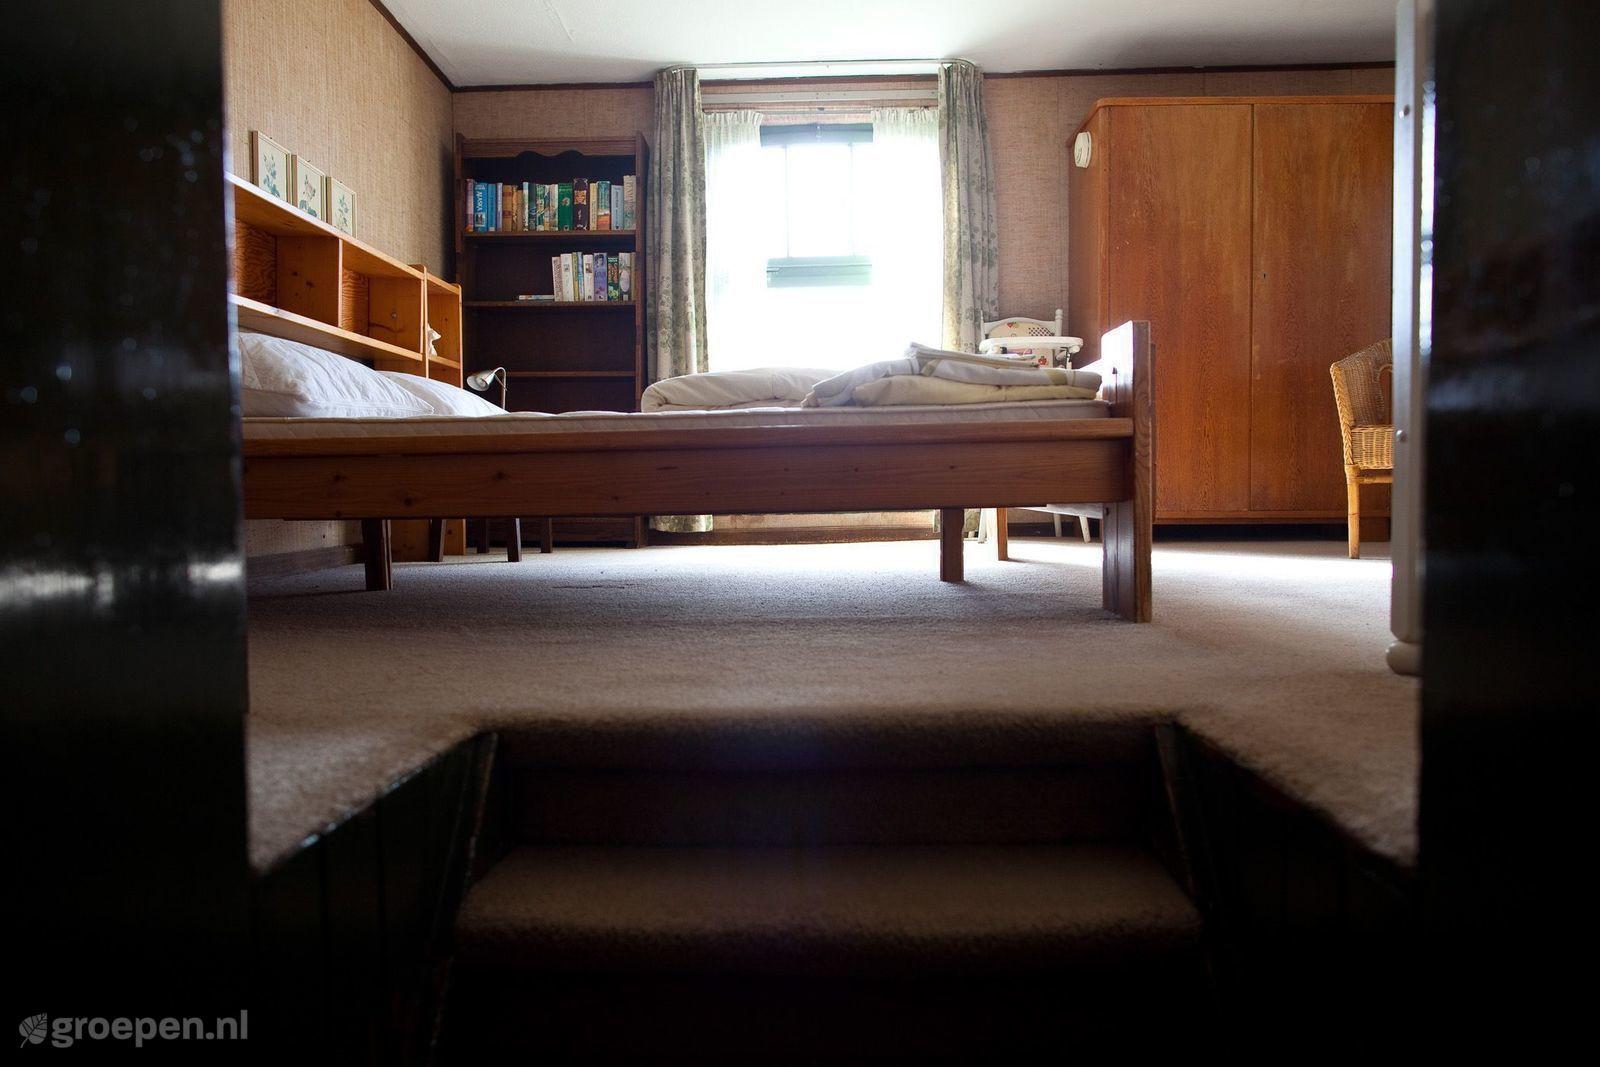 hardwood floor refinishing grand forks nd of group accommodations in limburg groepen nl intended for castenray